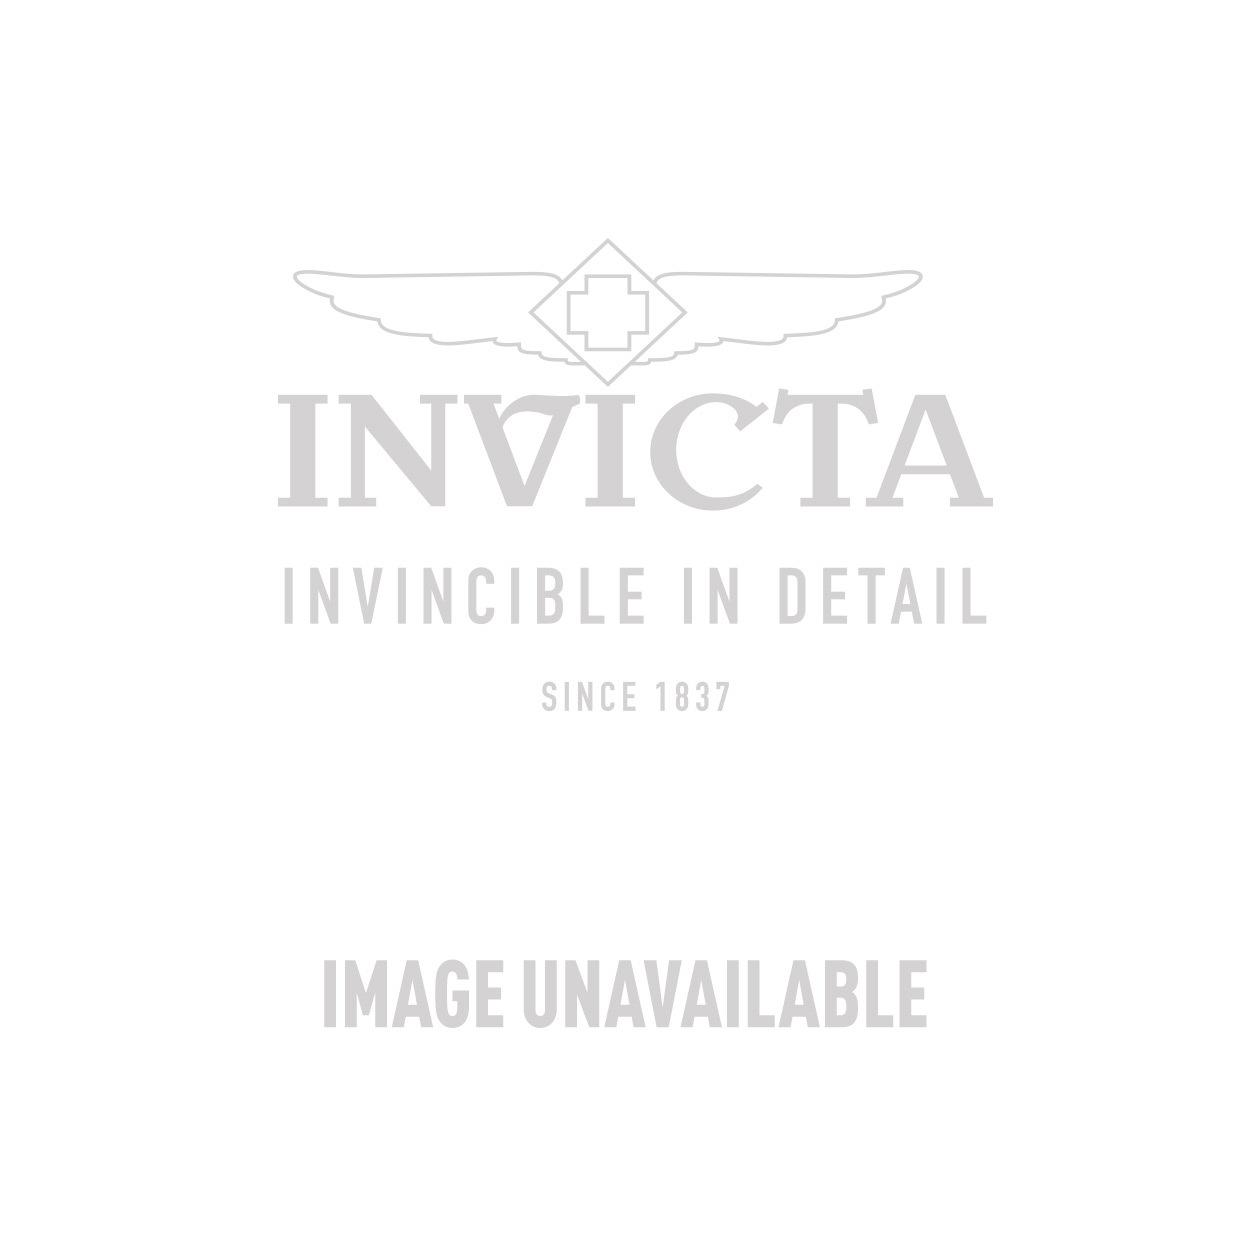 Invicta Model 28085